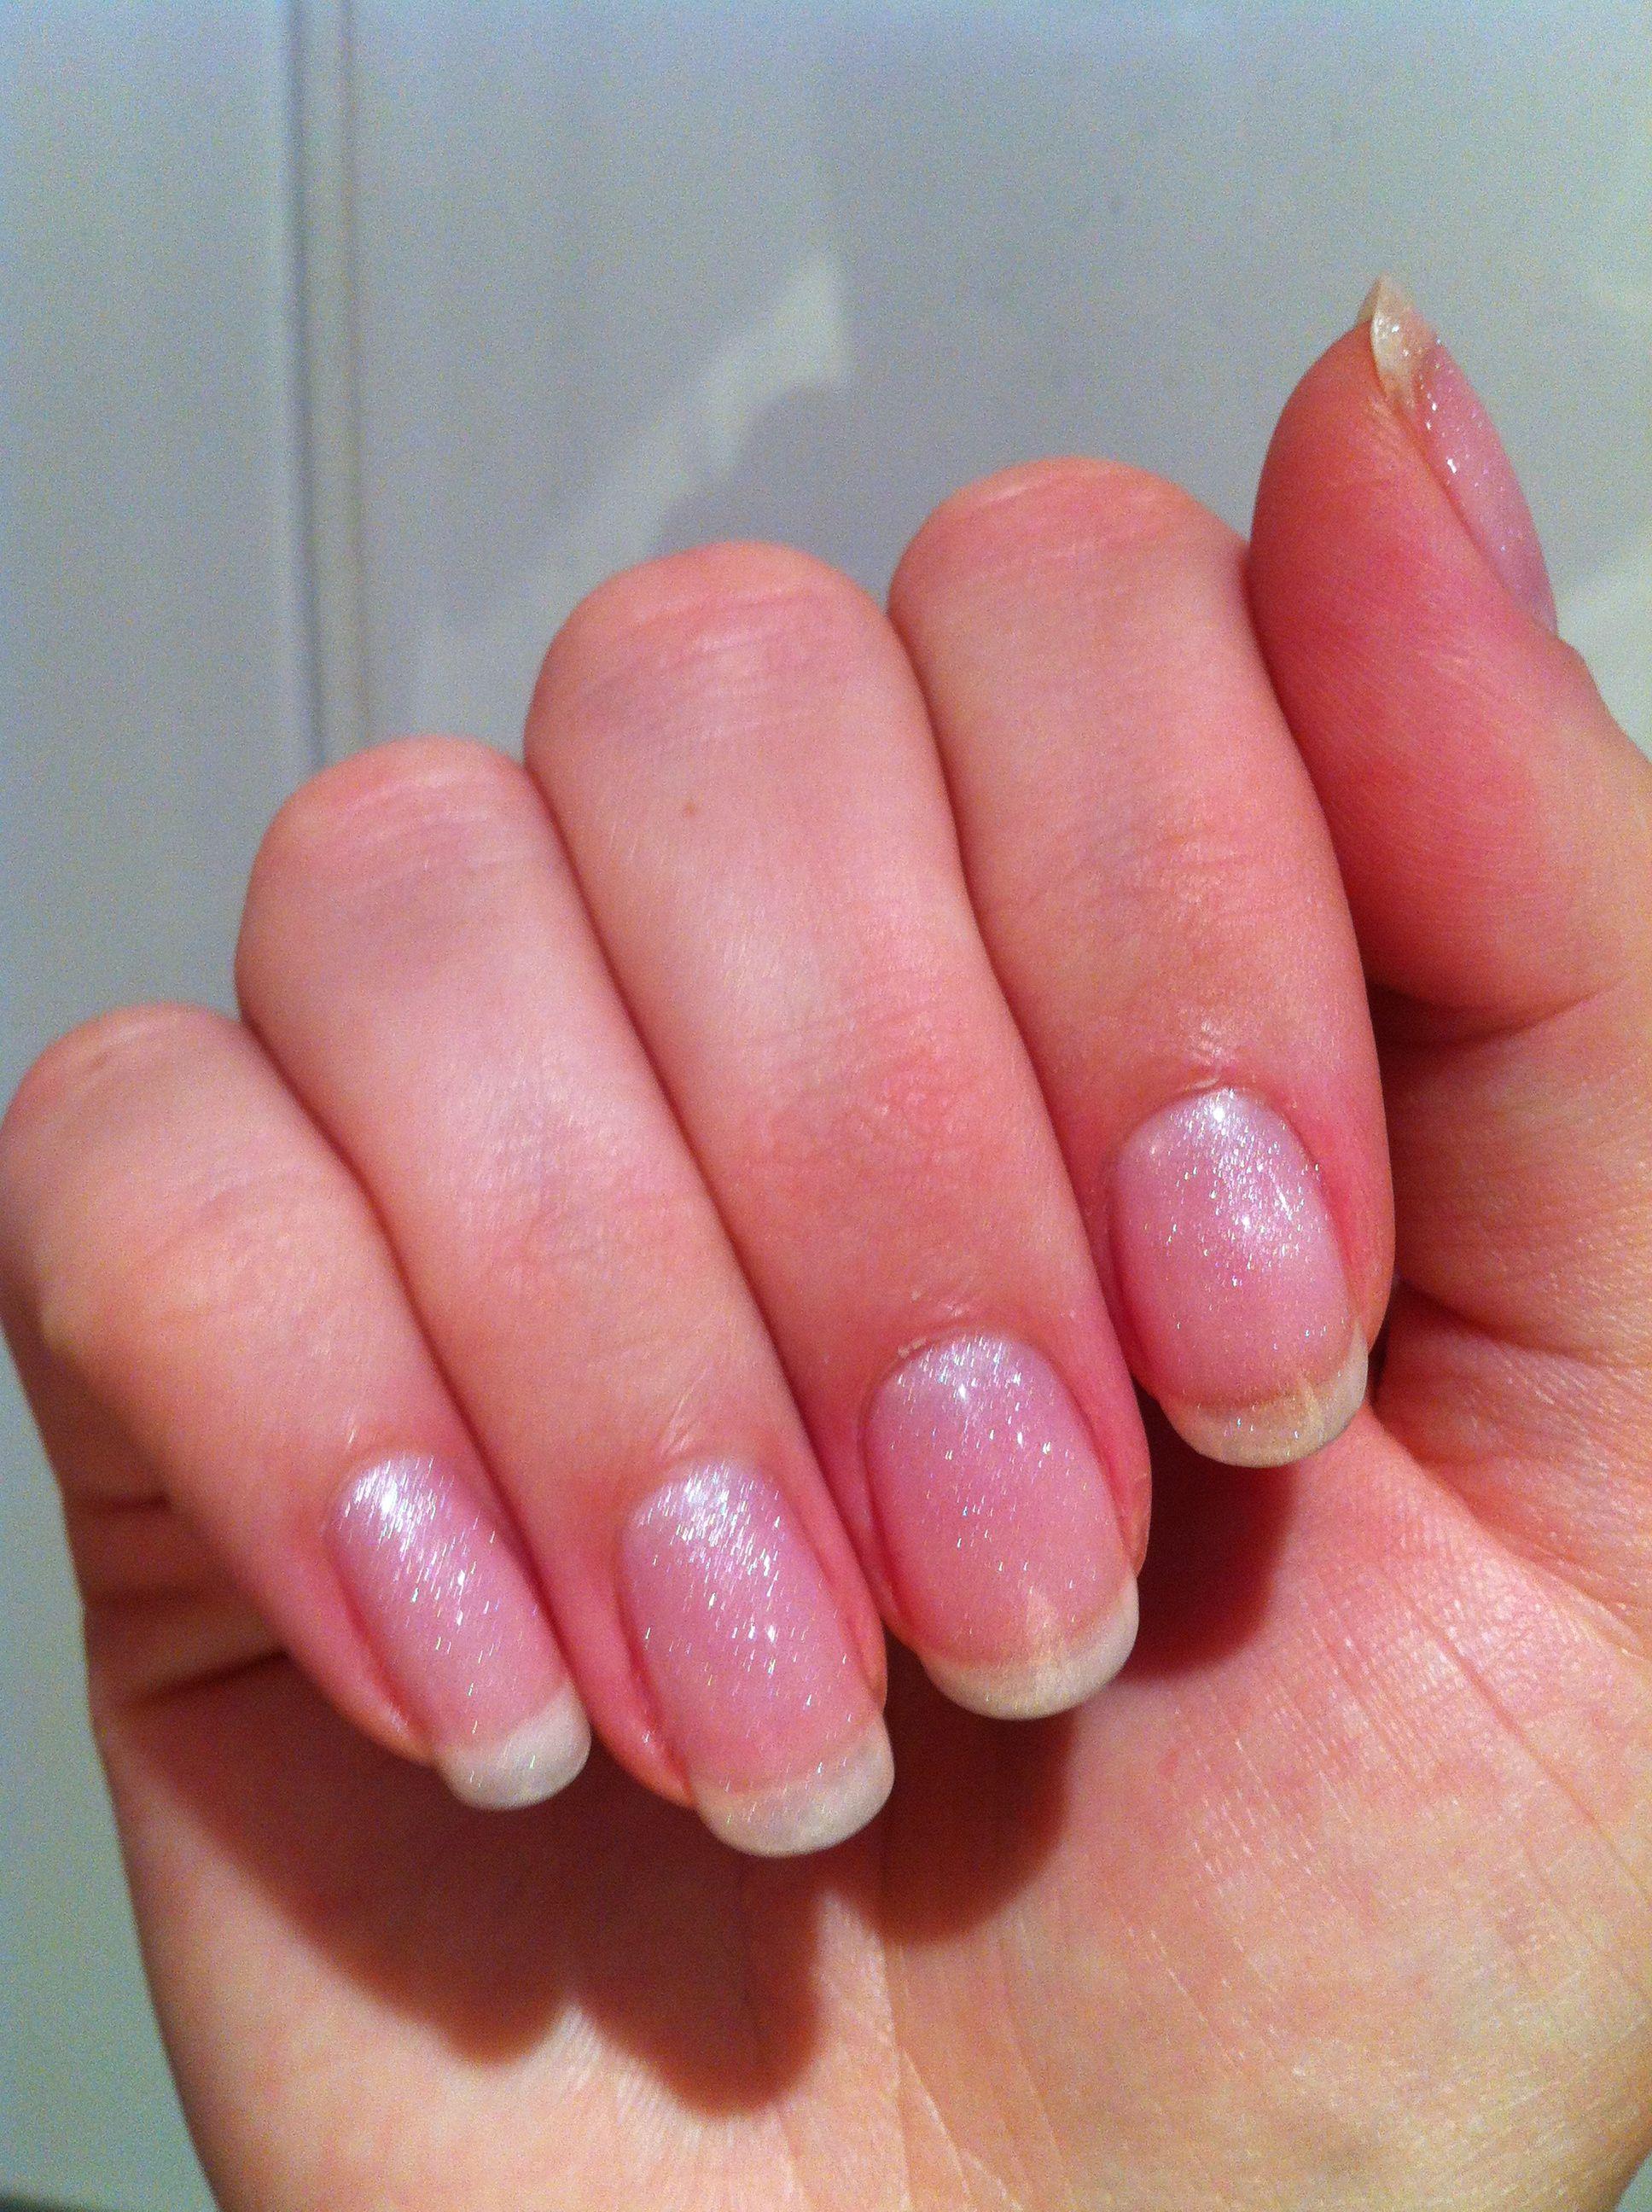 2nd attempt at DIY shellac gel nails | Nail art | Pinterest